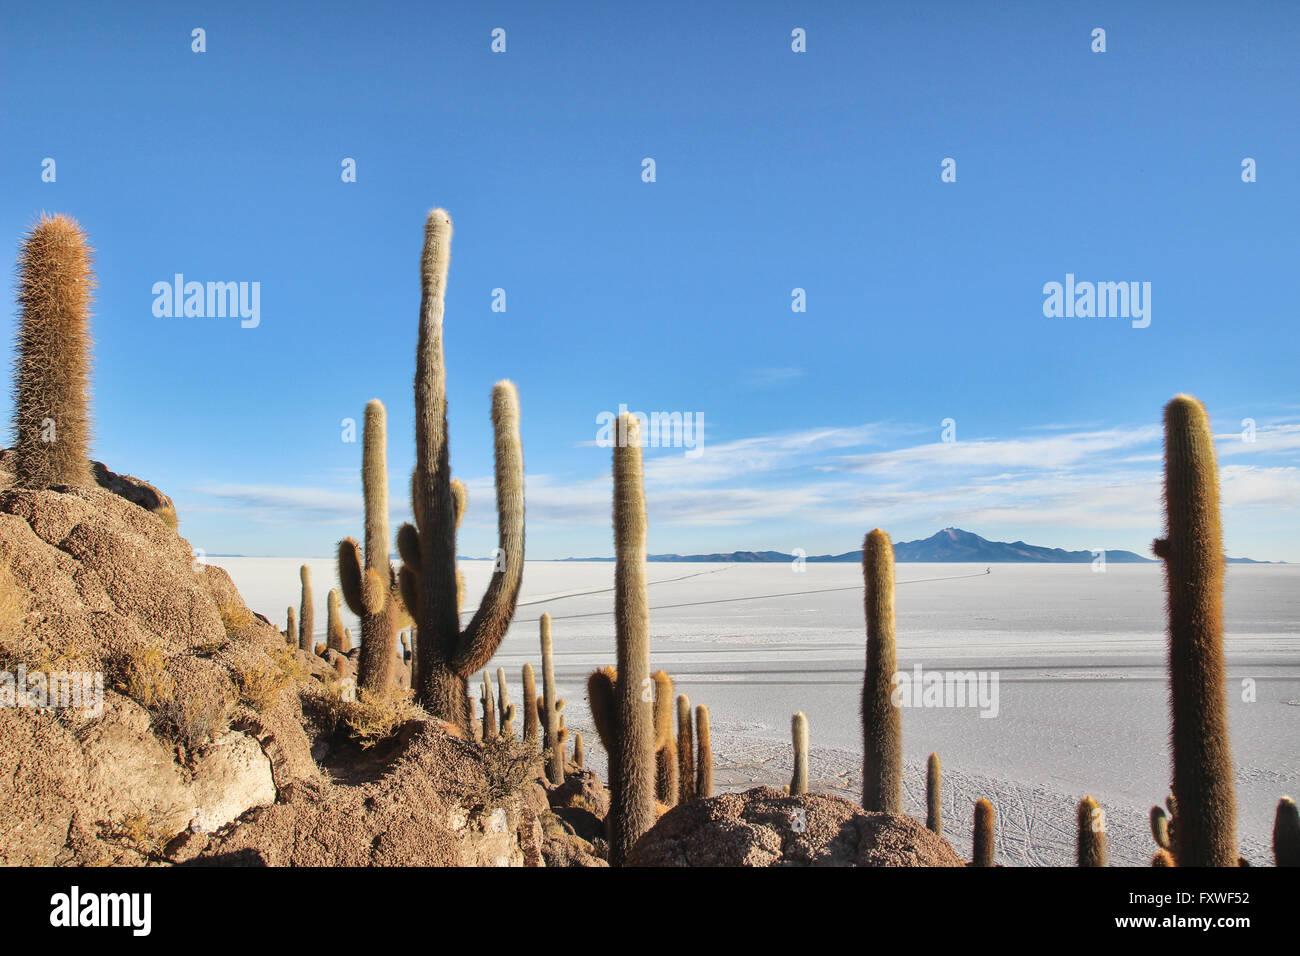 Bolivia -  22/08/2013  -  Bolivia / Salar de Uyuni / Uyuni  -  Salt desert, Uyuni Isla del Pescado   -  Sandrine - Stock Image